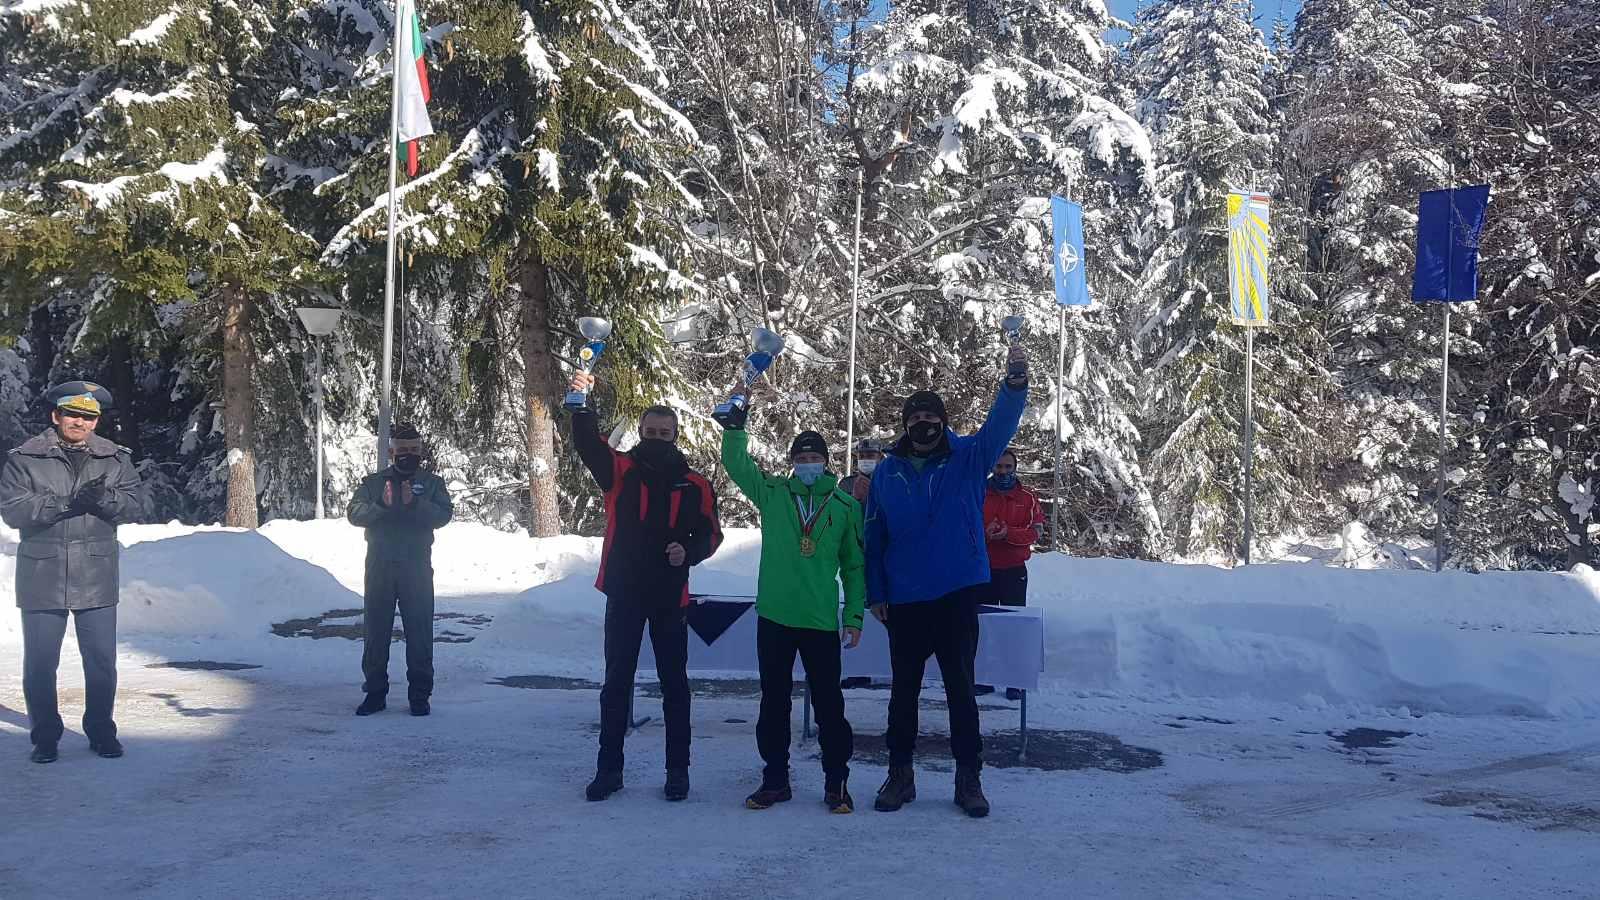 Военните спортисти в ски алпийските дисциплини от СКСО спечелиха най-много точки в държавния военен шампионат по ски